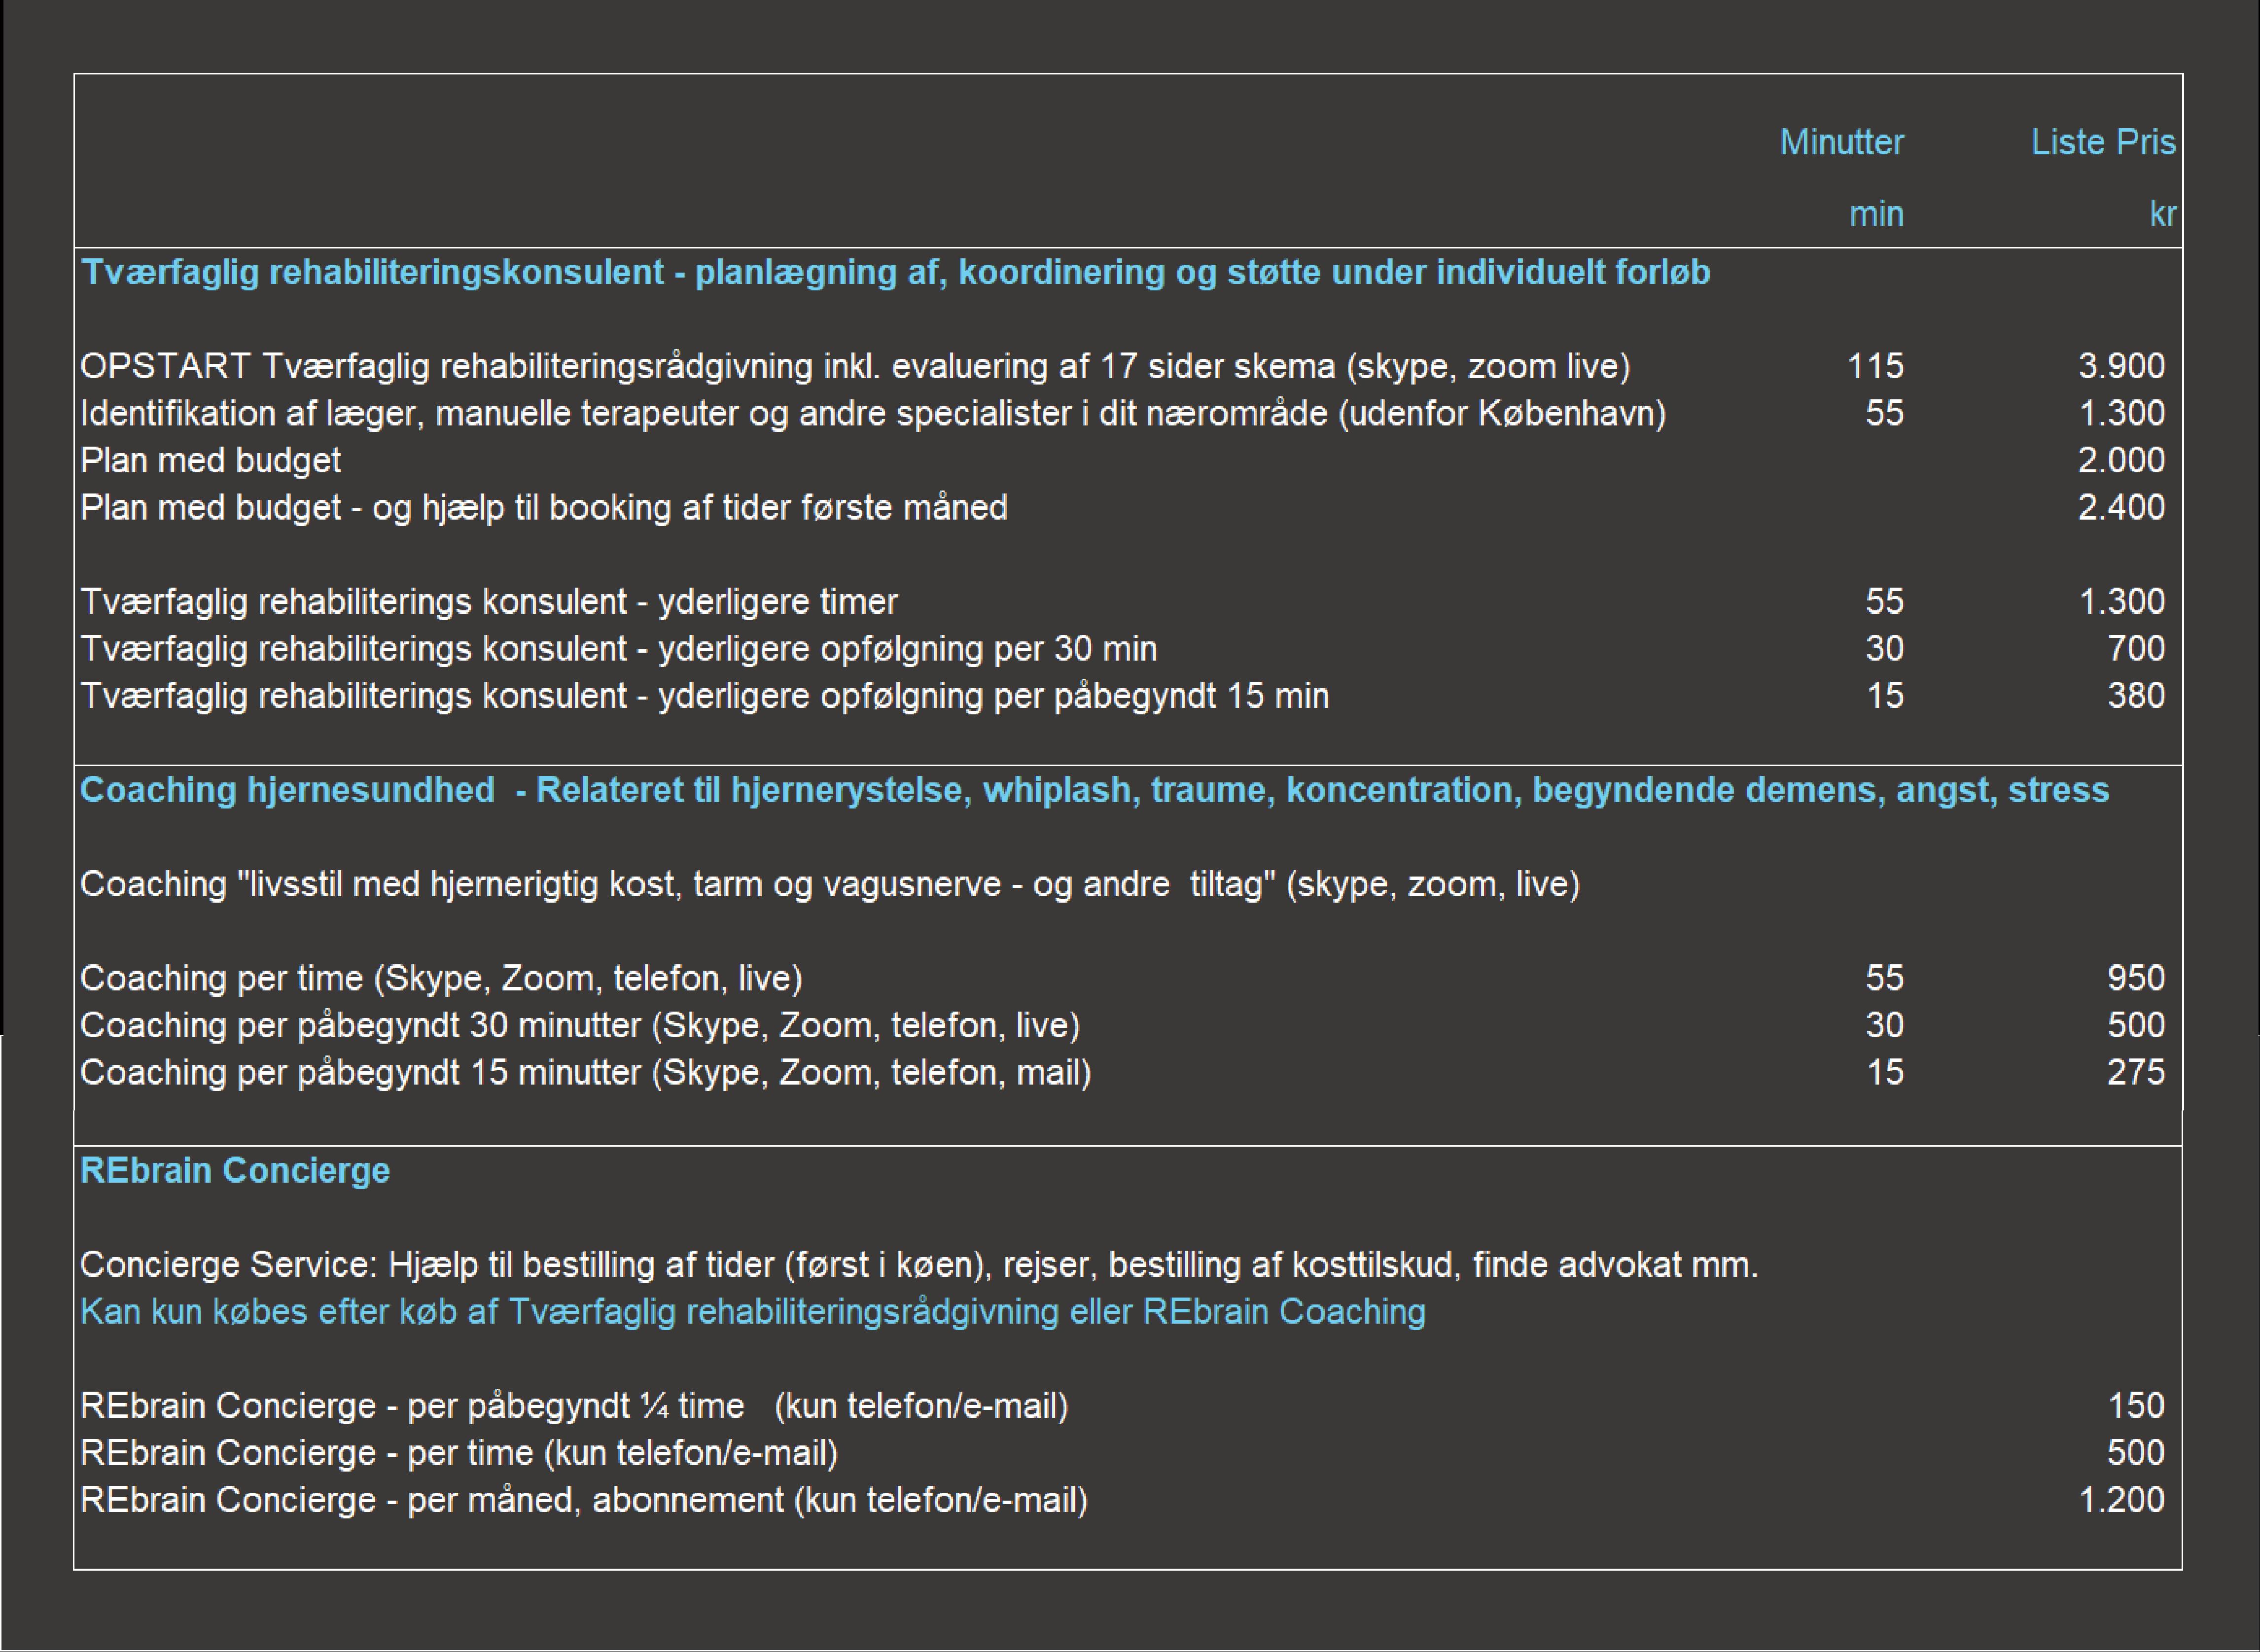 Priser på OPSTART for hjernerystelse whiplash nakkeskade (start pakker inkl. evaluering af syns og herneaktivitet).